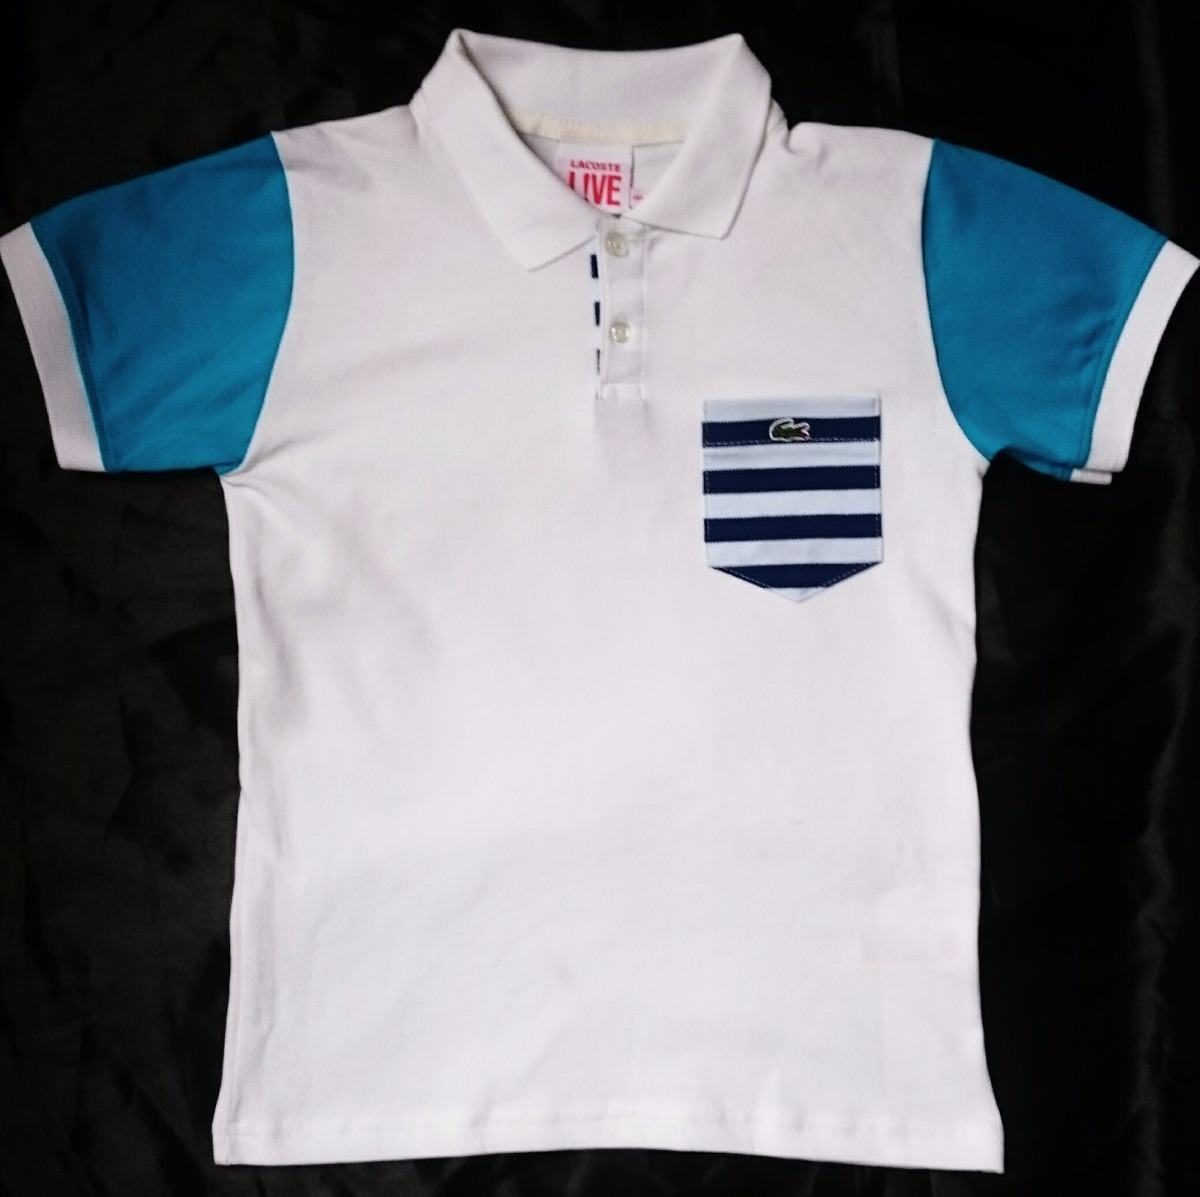 c3e3f8e1c6be9 camisa polo lacoste infantil original - unidade. Carregando zoom.